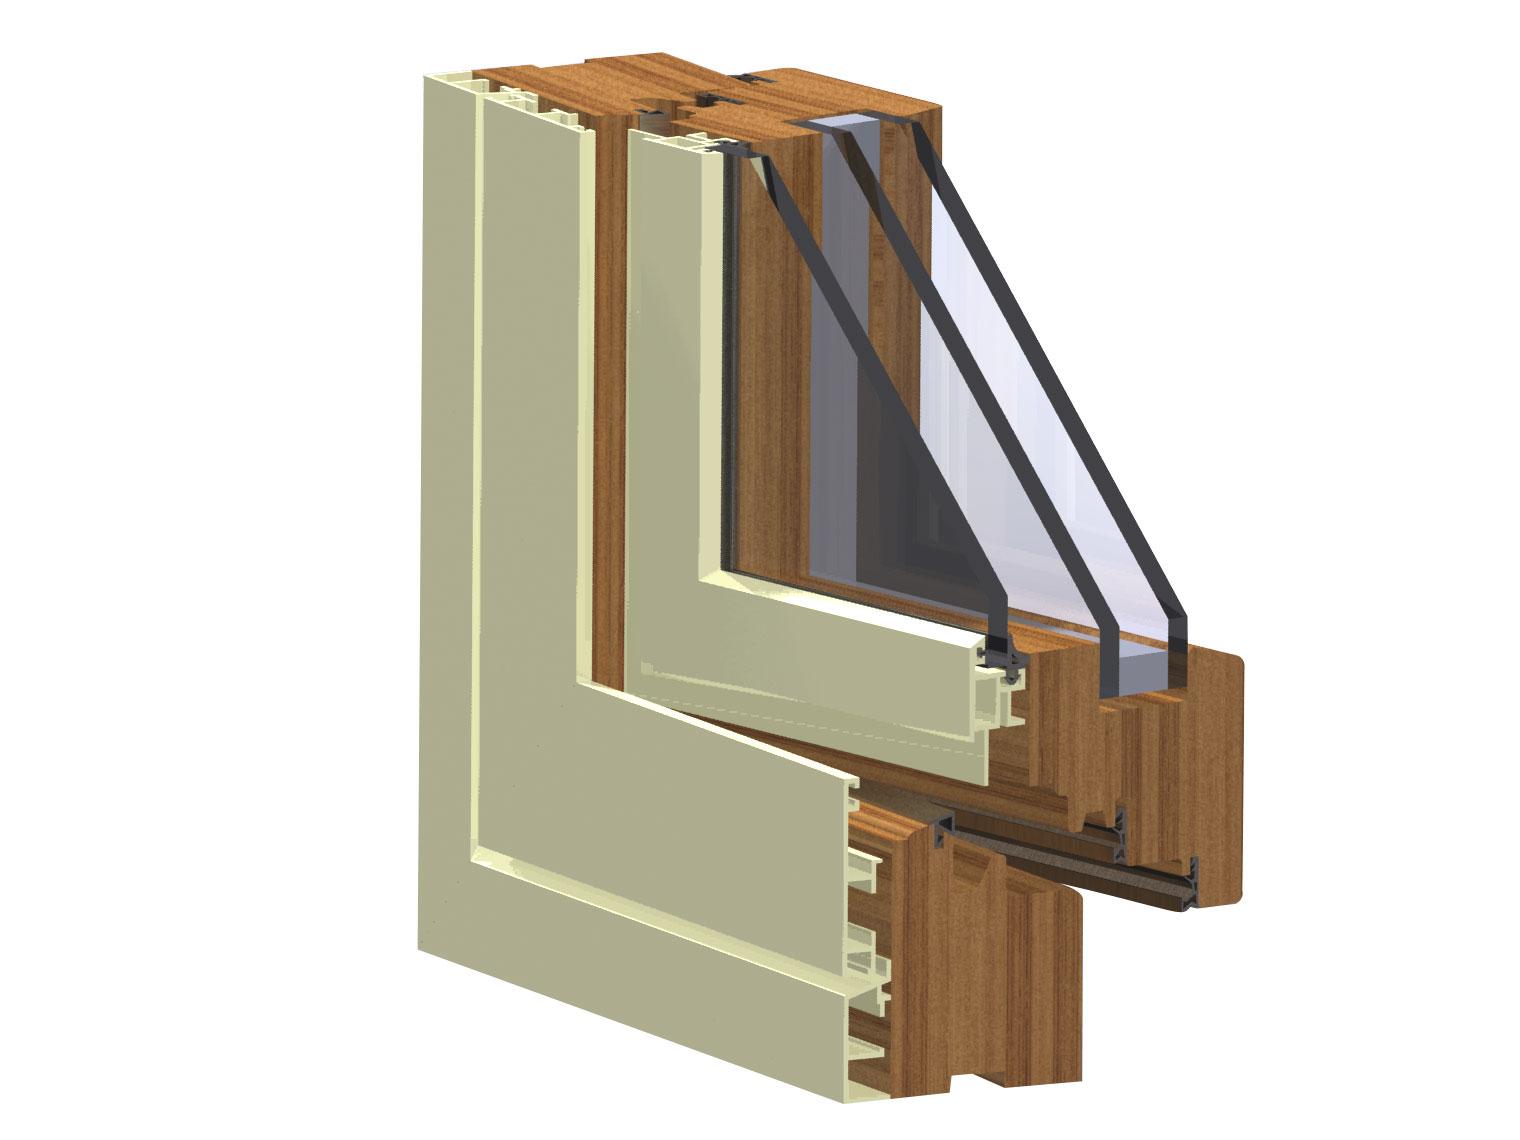 Finestre legno e alluminio prezzi for Costo infissi legno alluminio